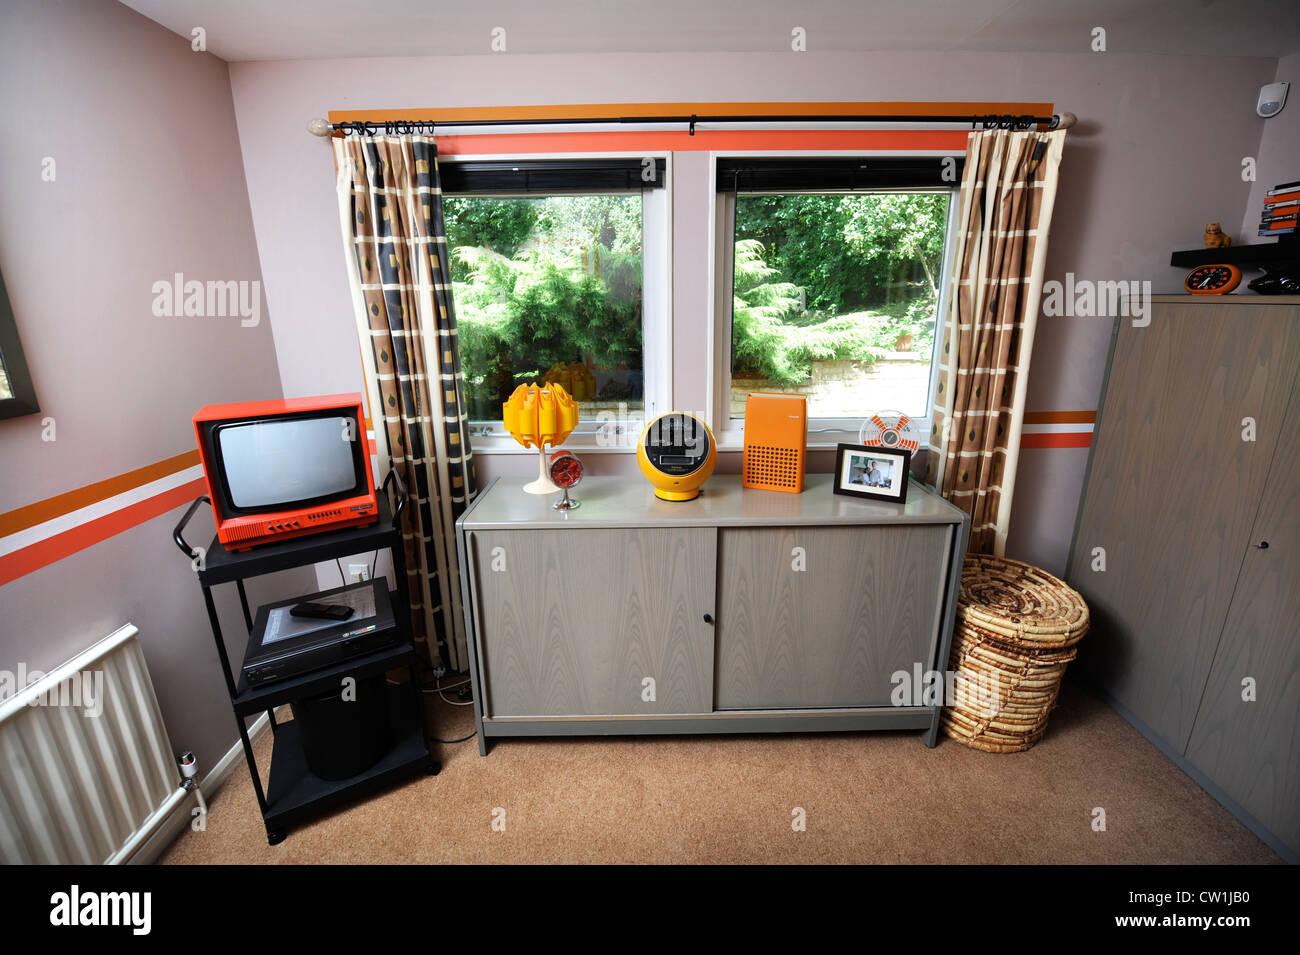 Camera Da Letto Stile Anni 70 : Una camera da letto in stile anni 70 casa che è stato presentato in